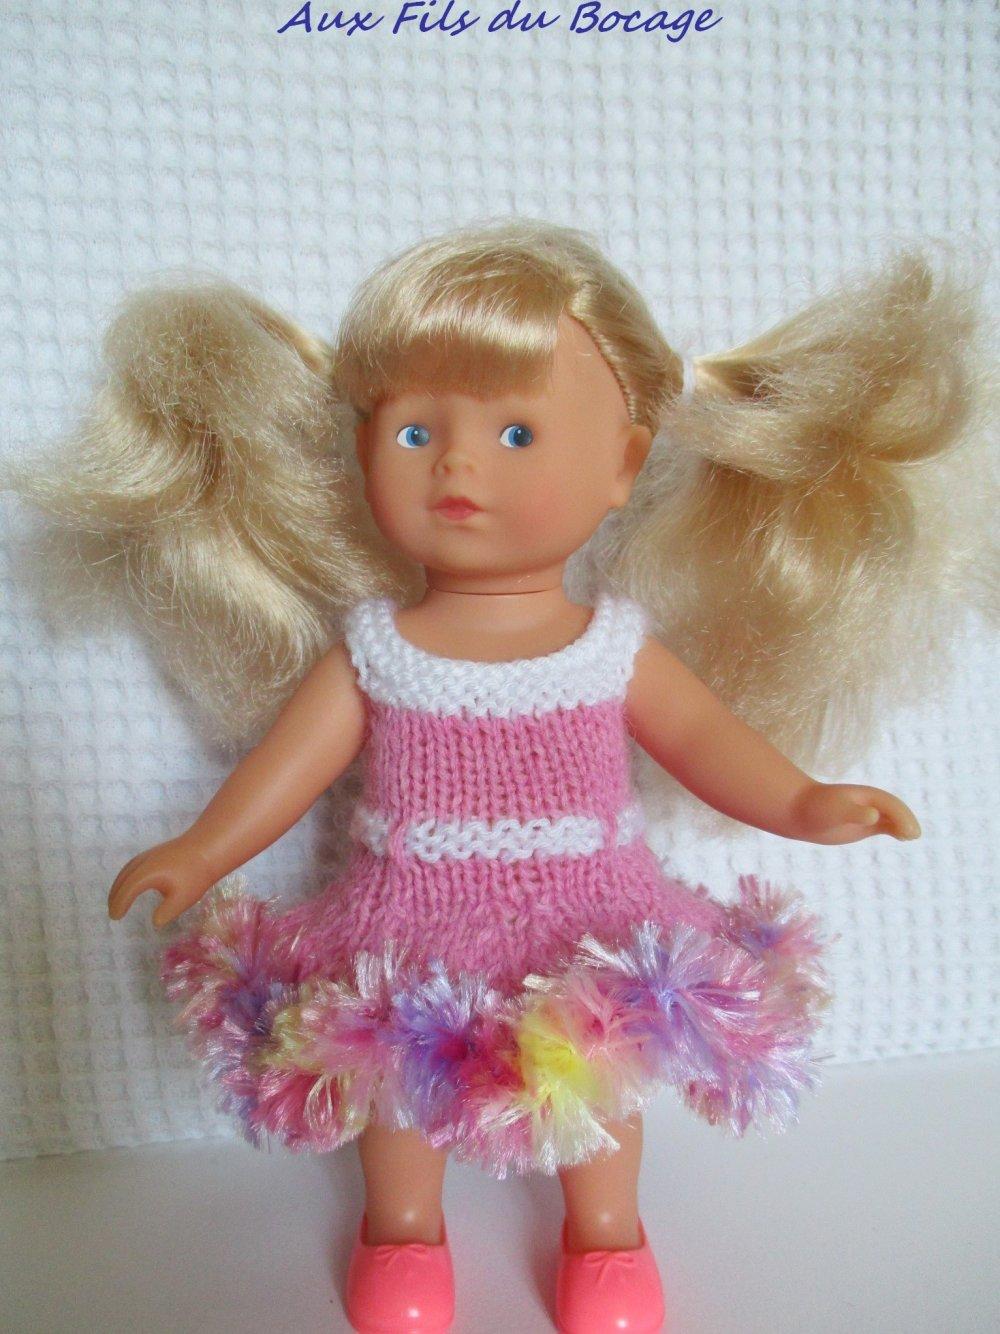 Vêtement poupée mini corolline, poupée 20 cm. Robe rose froufrou